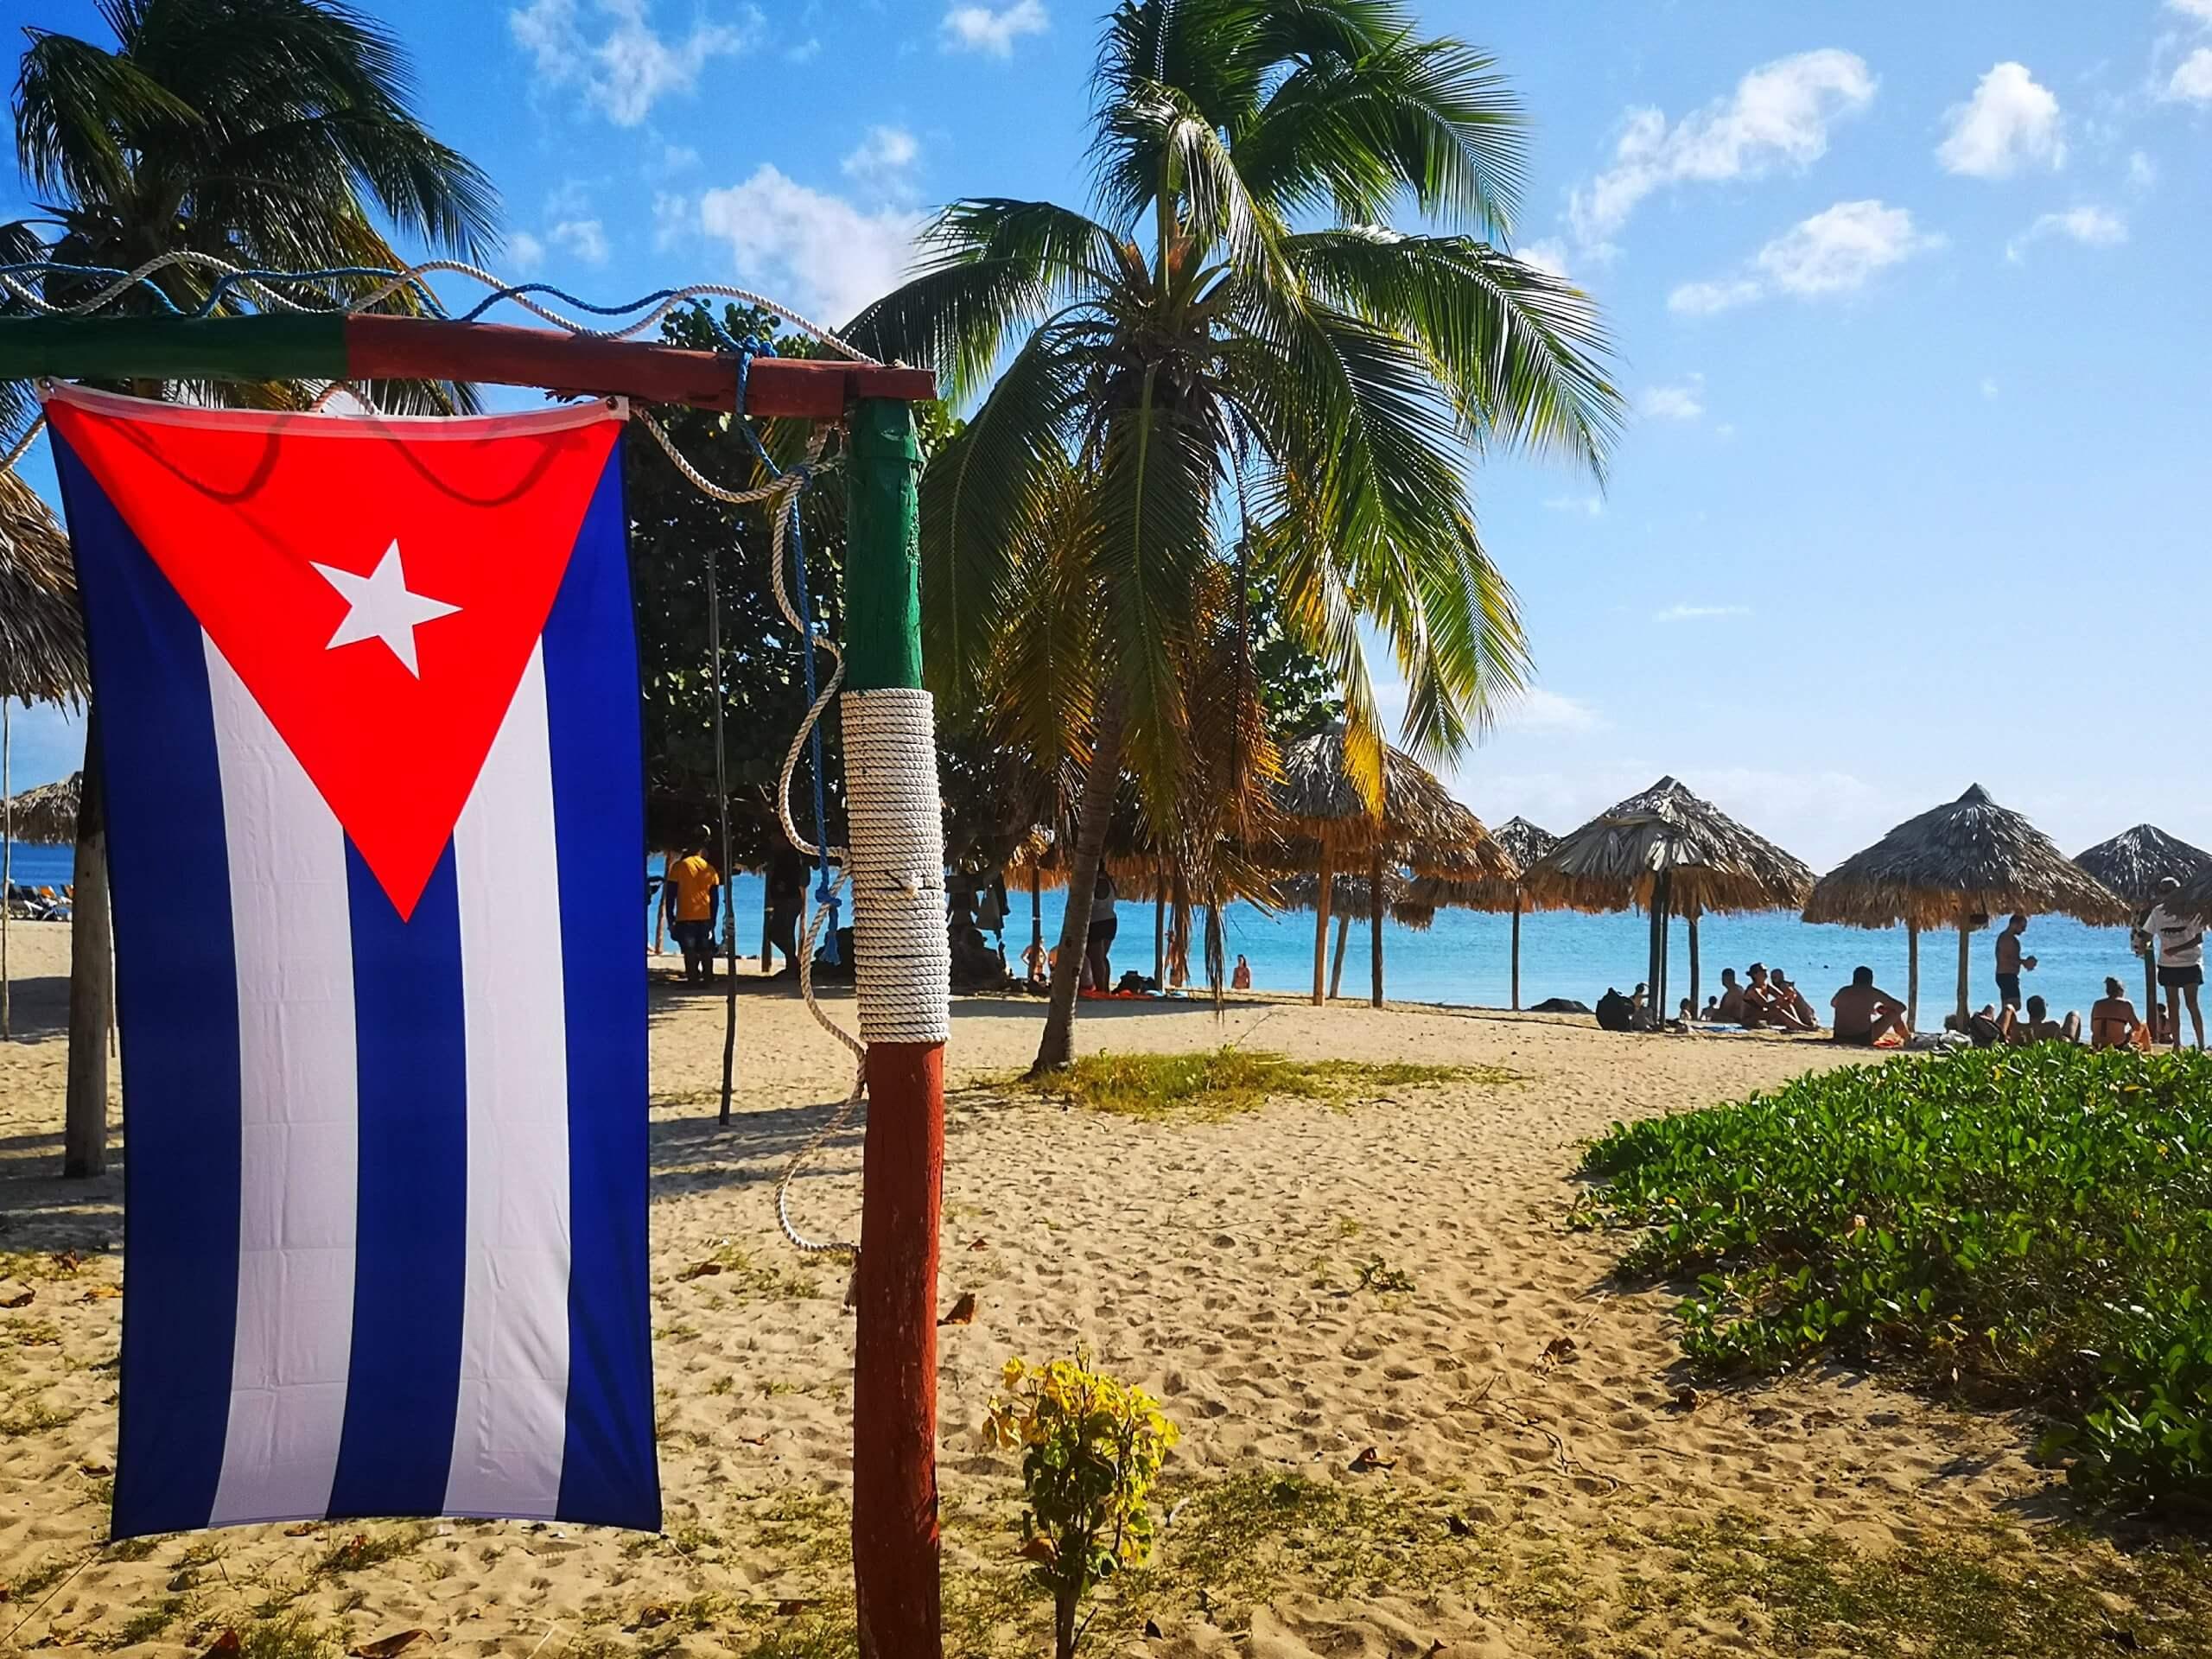 Ancon beach ligger kun 15 minutters kjøretur fra Trinidad